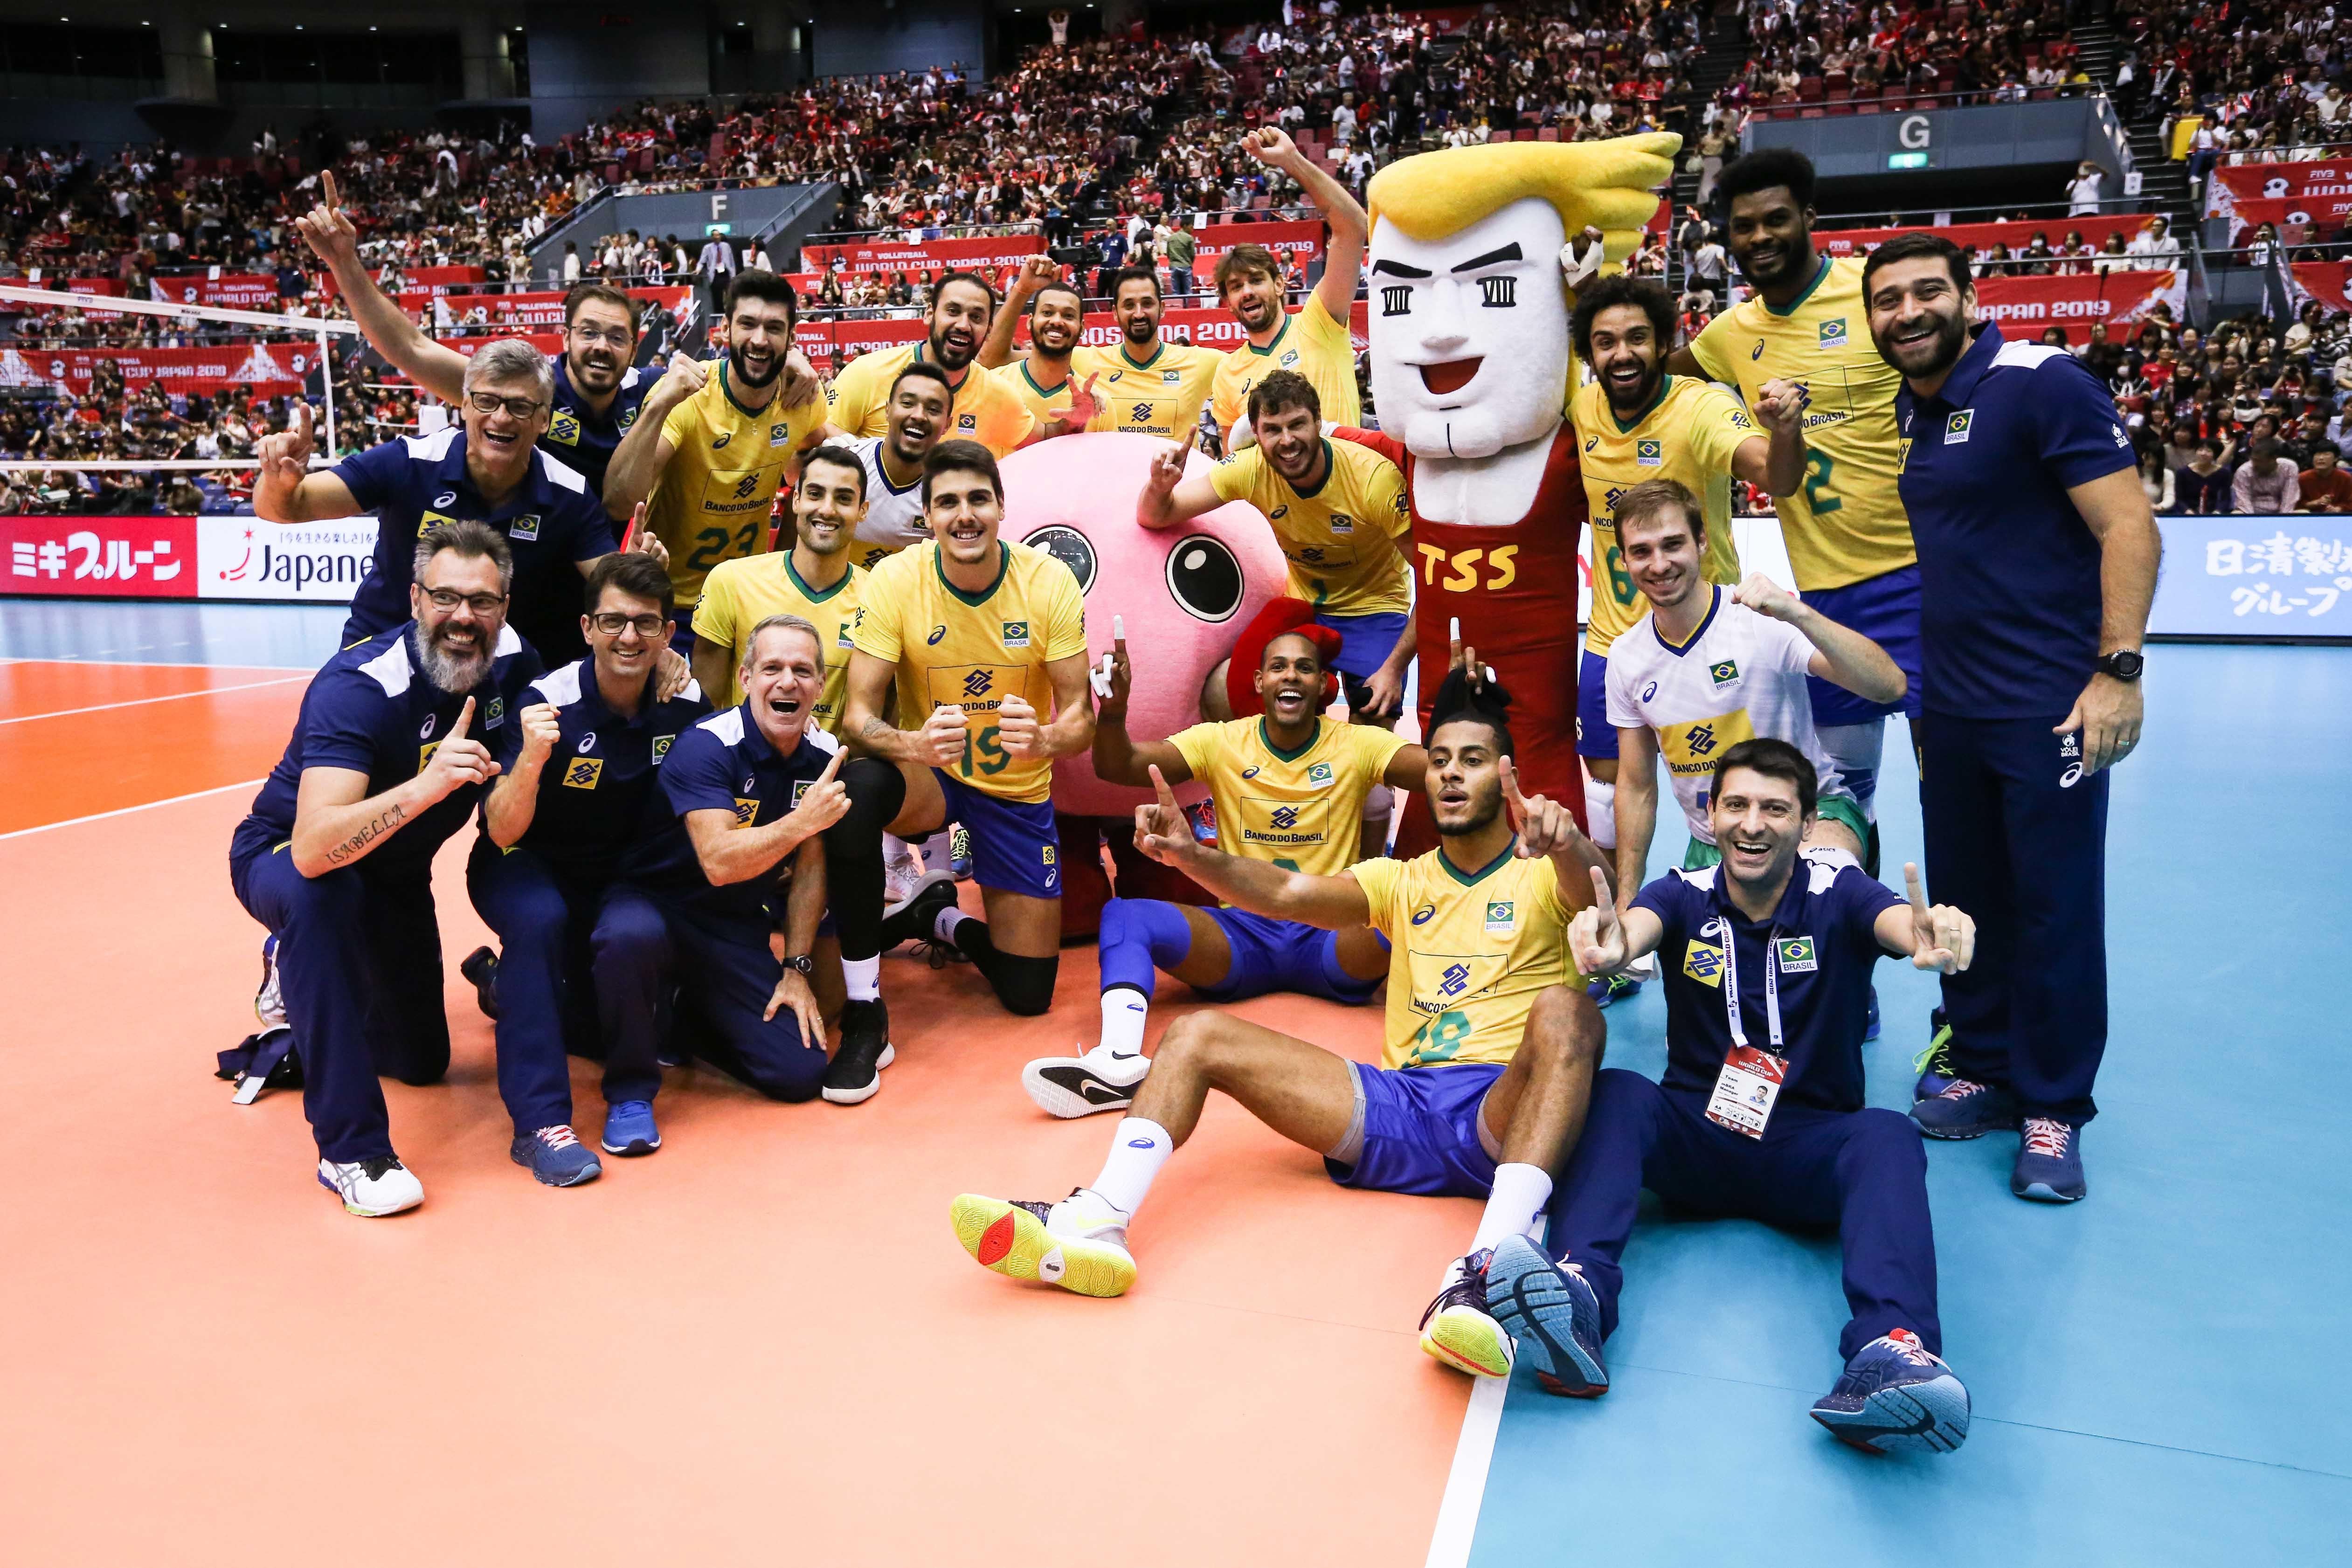 Brasil vence o Japão e é campeão com uma rodada de antecedência